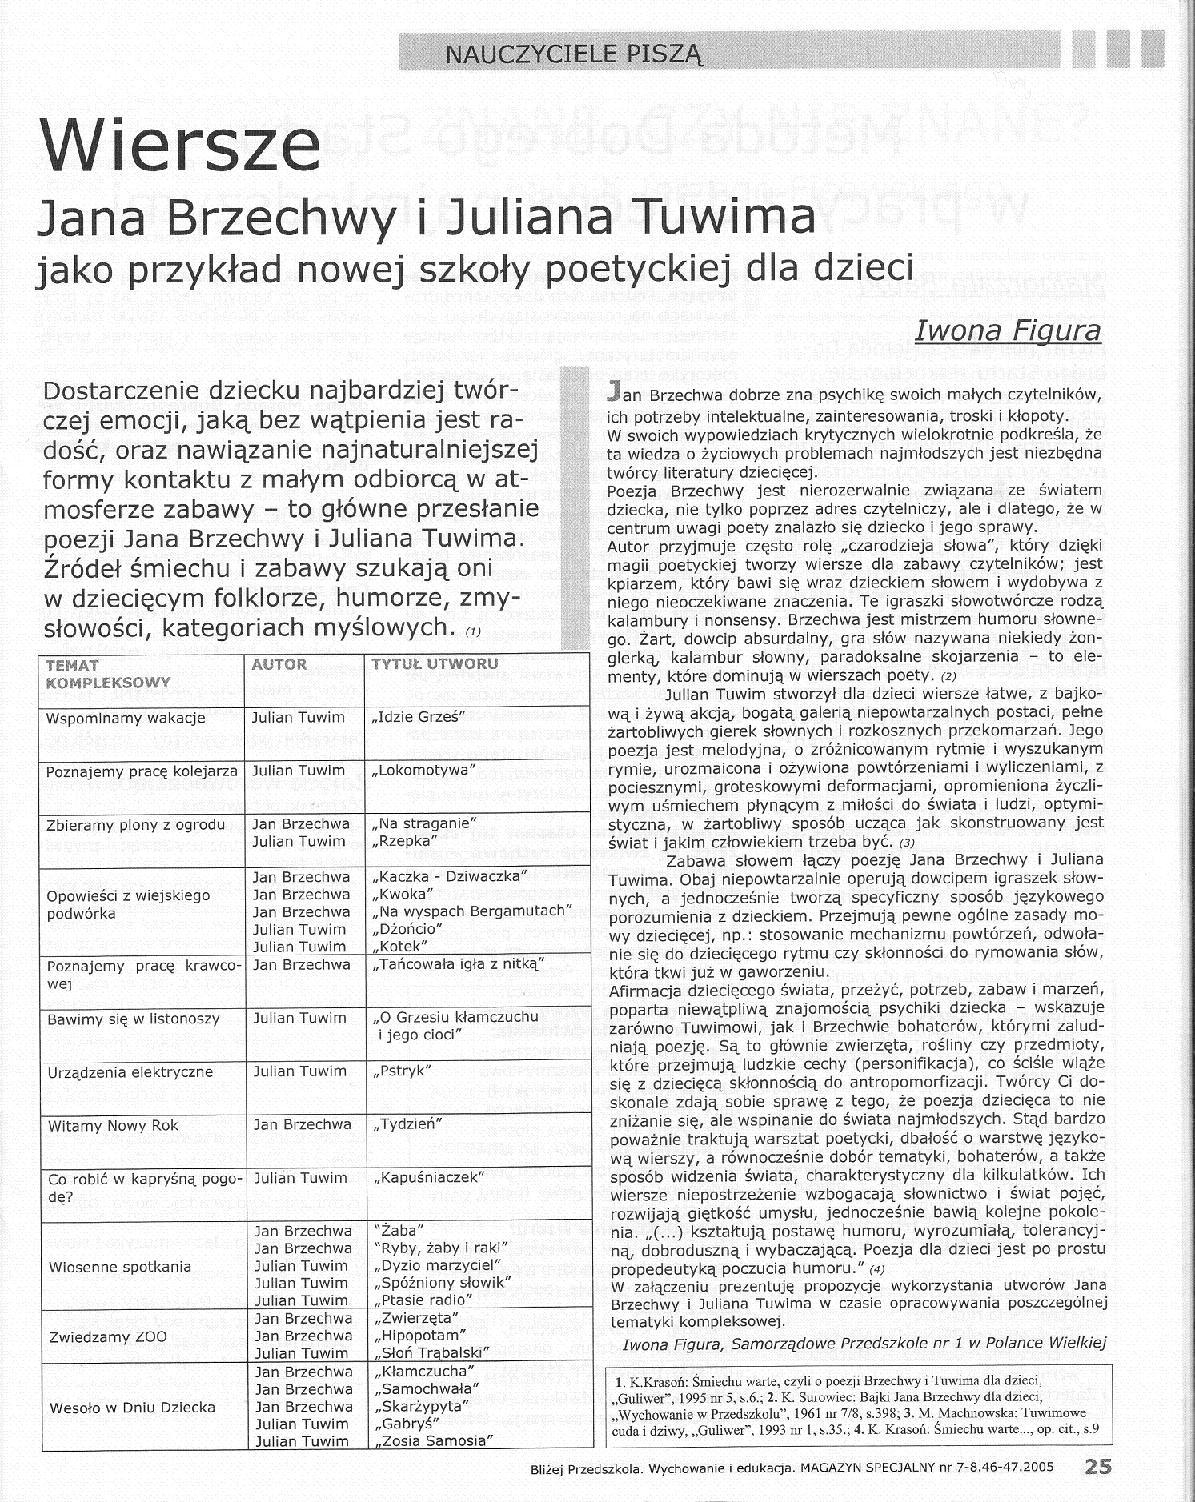 Czasopisma Pedagogiczne Wiersze Jana Brzechwy I Juliana Tuwima